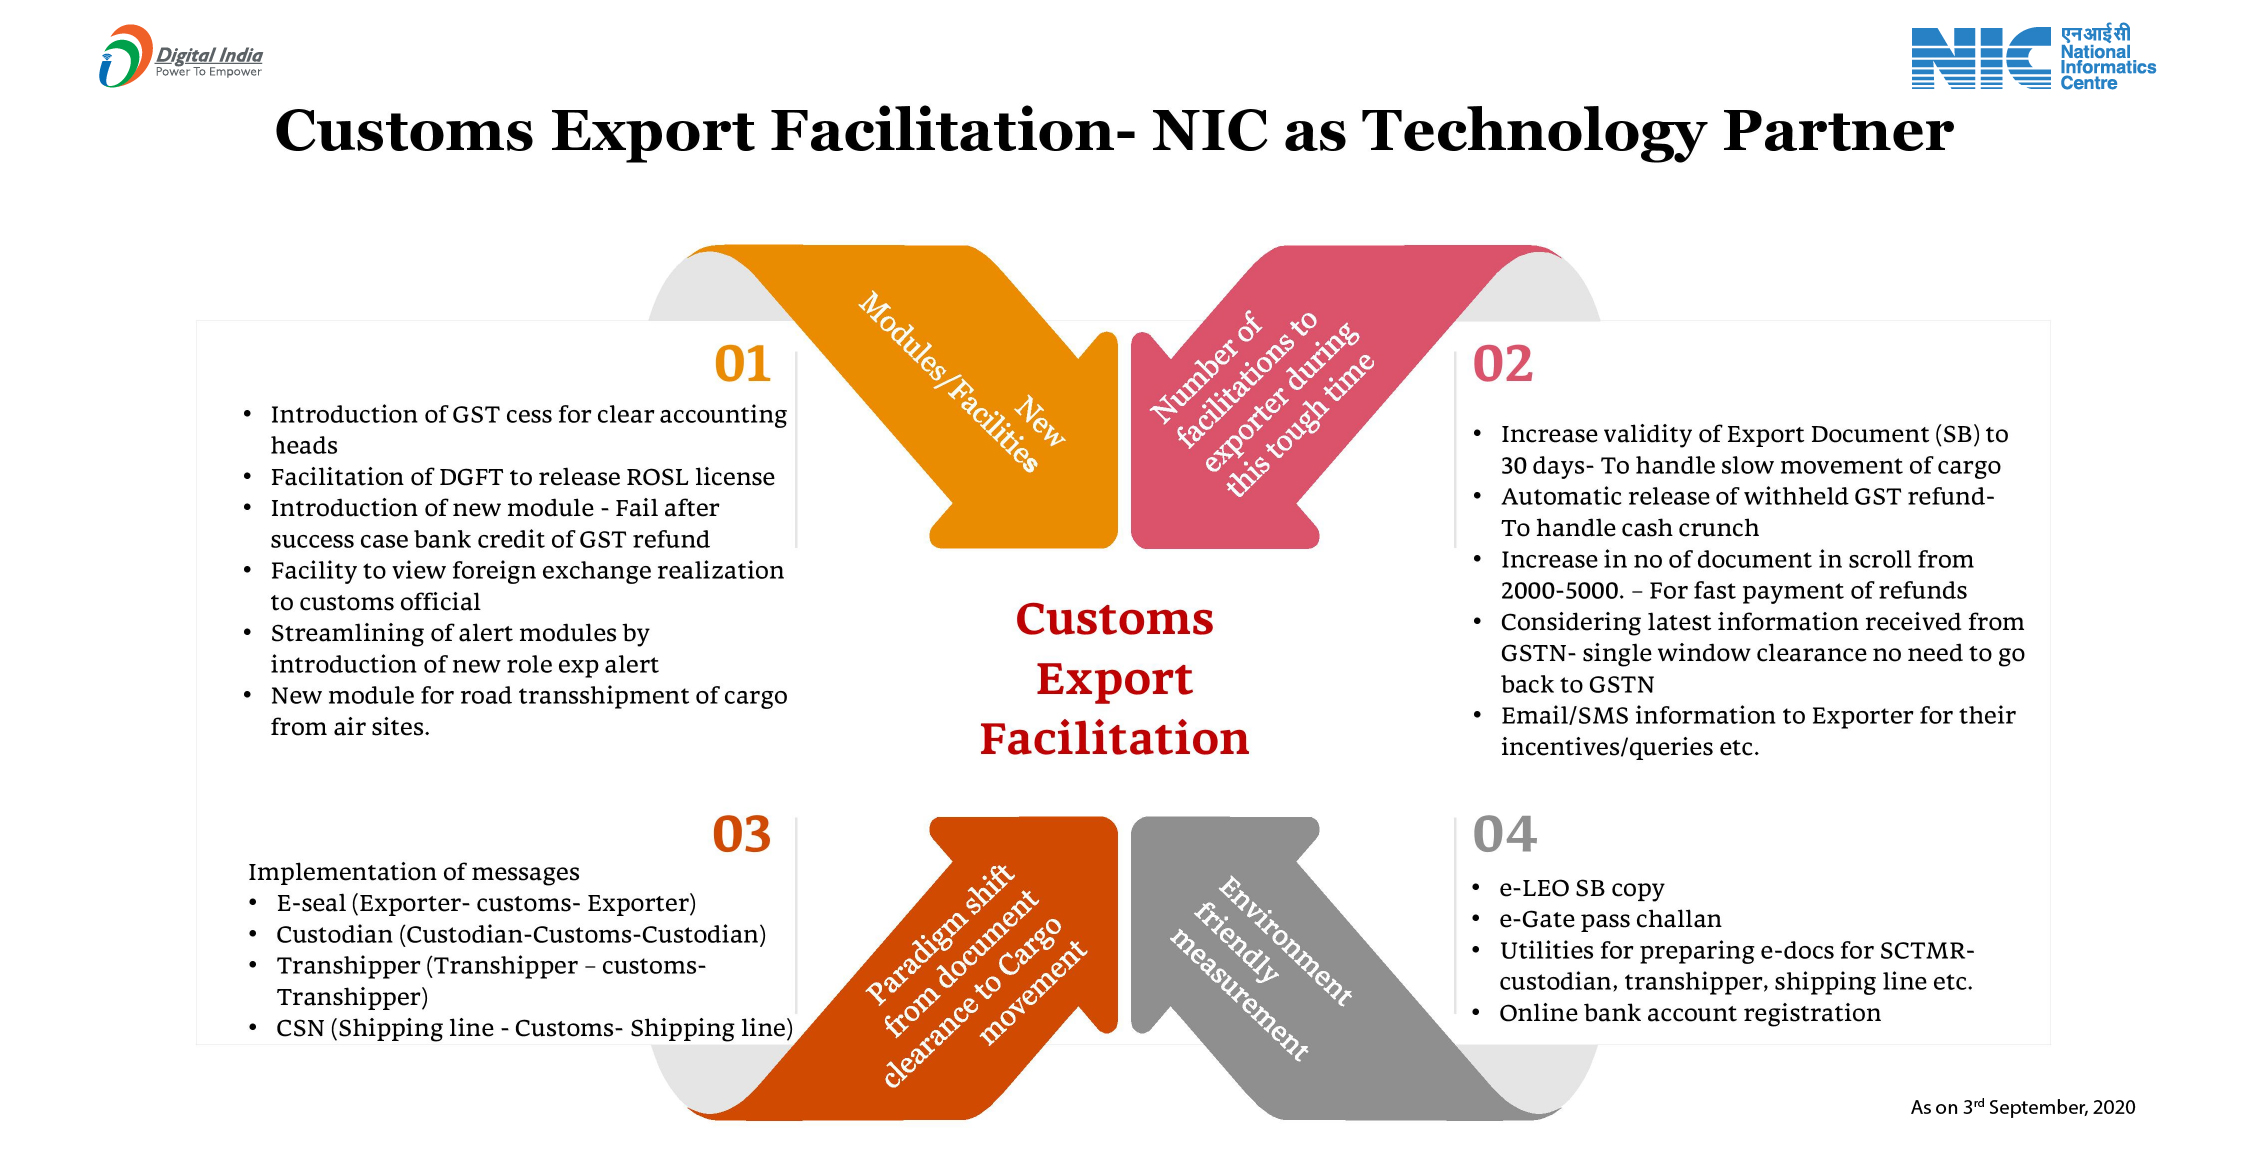 सीमा शुल्क निर्यात सुविधा – प्रौद्योगिकी भागीदार के रूप में एनआईसी